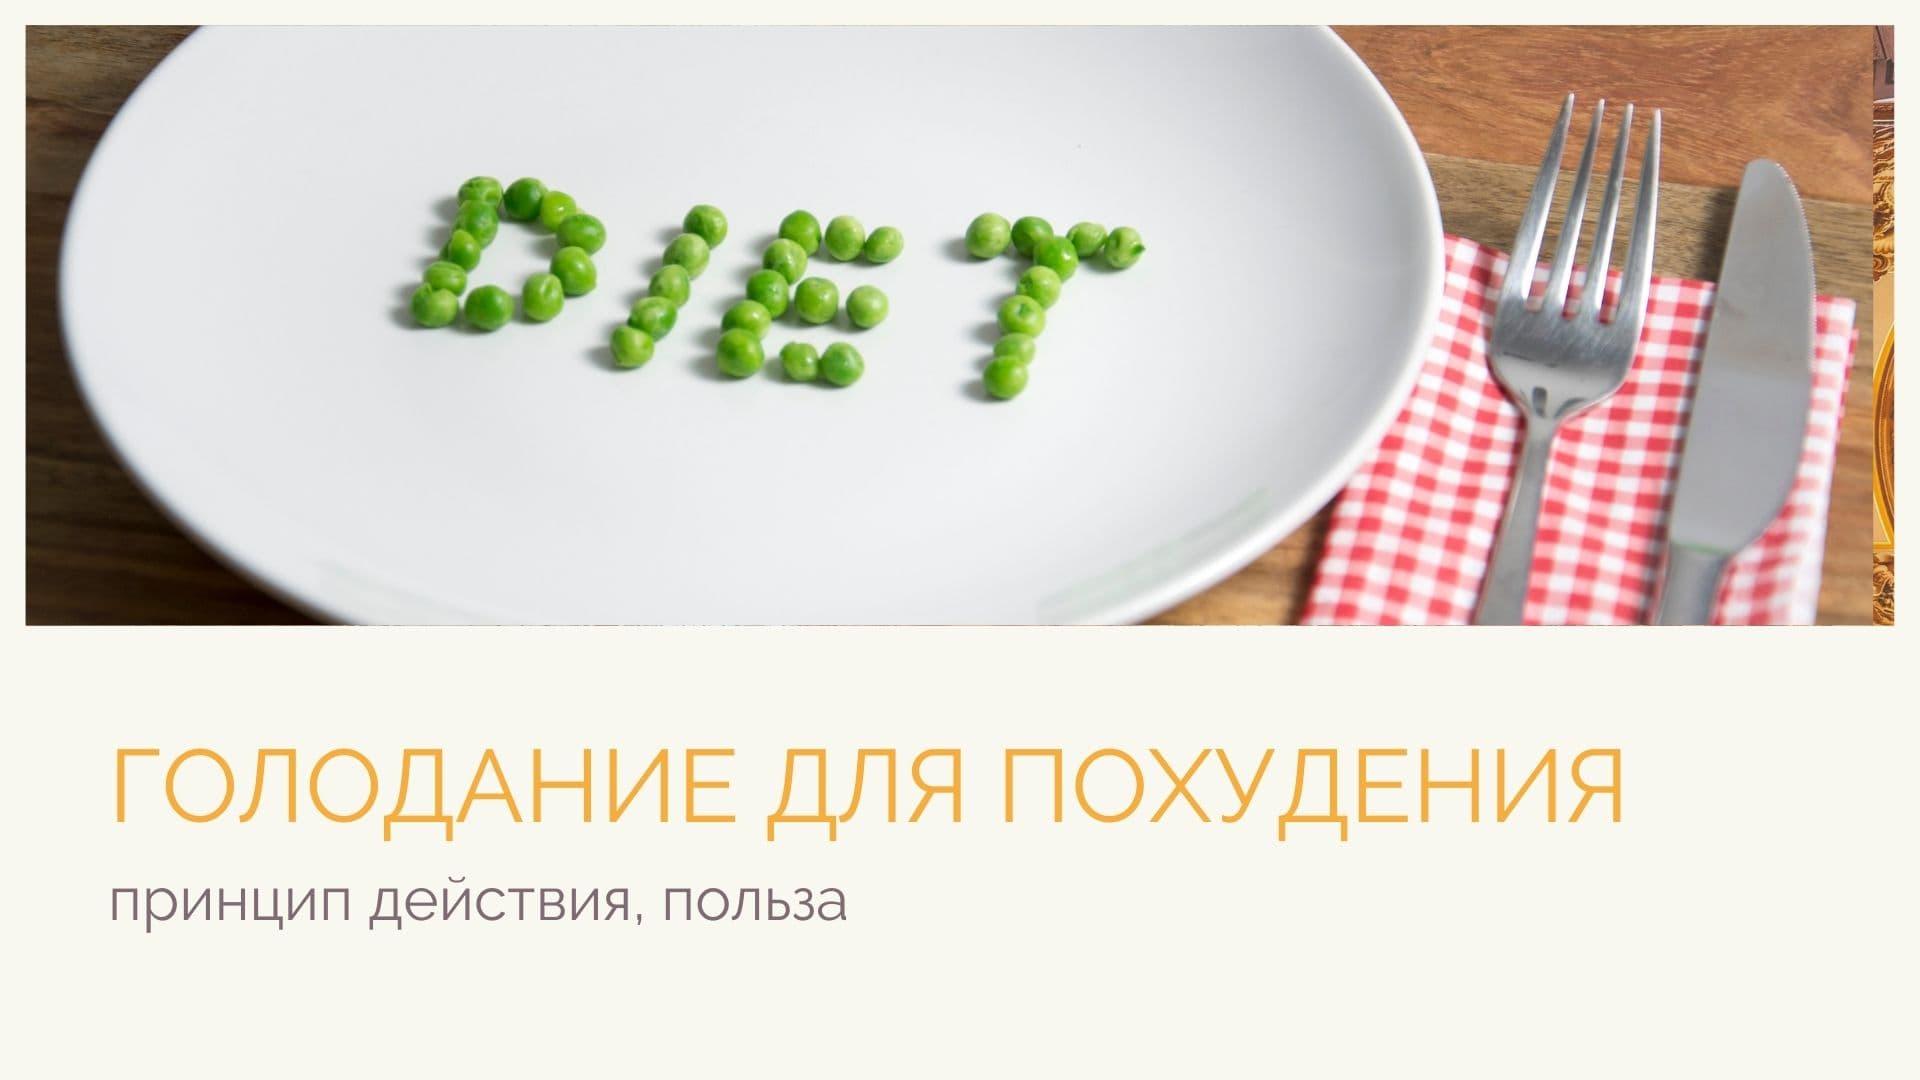 Голодание для похудения: принцип действия, польза